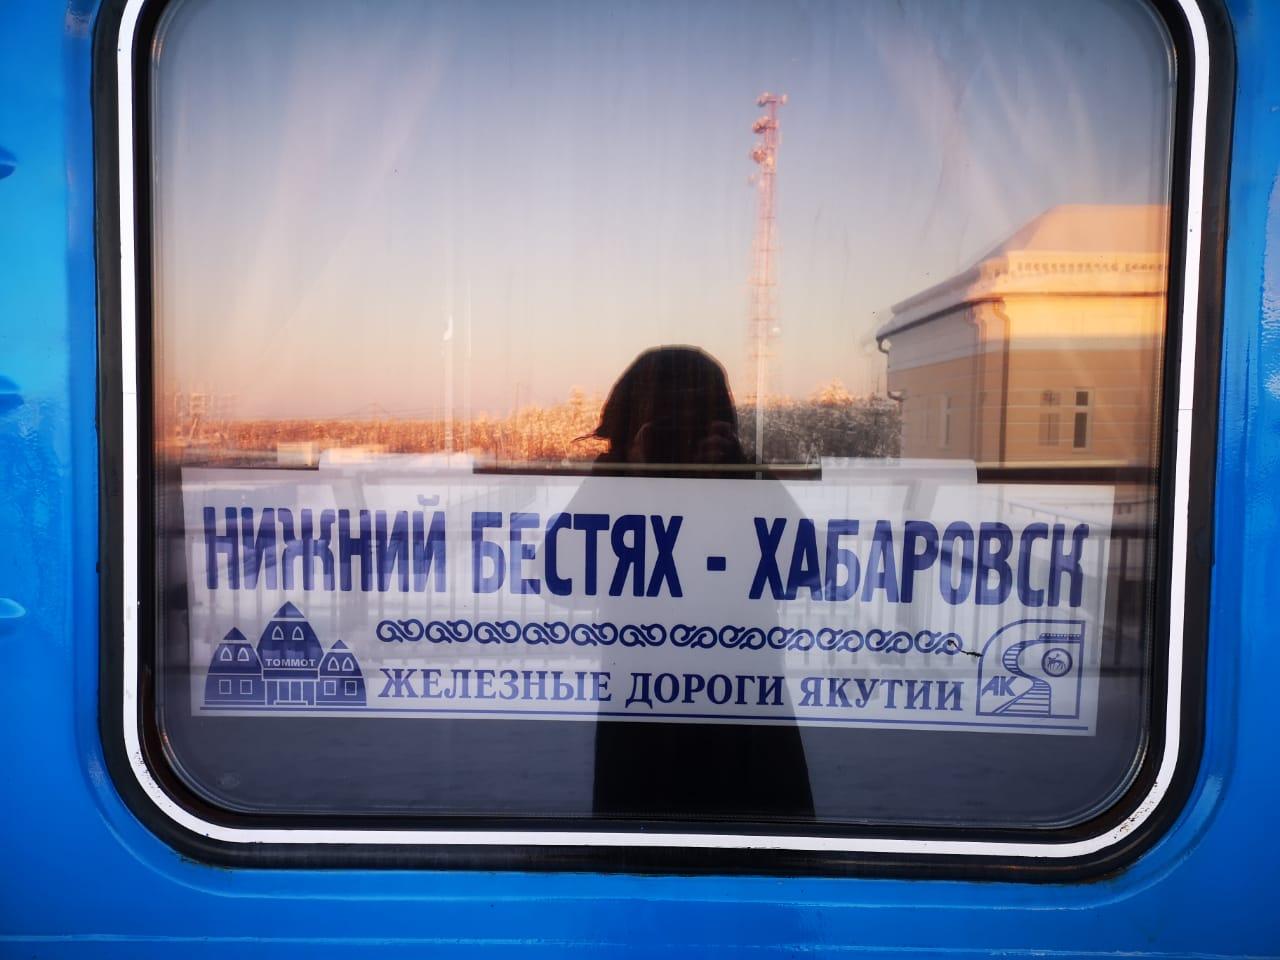 Спешите купить билеты  на поезд до Хабаровска